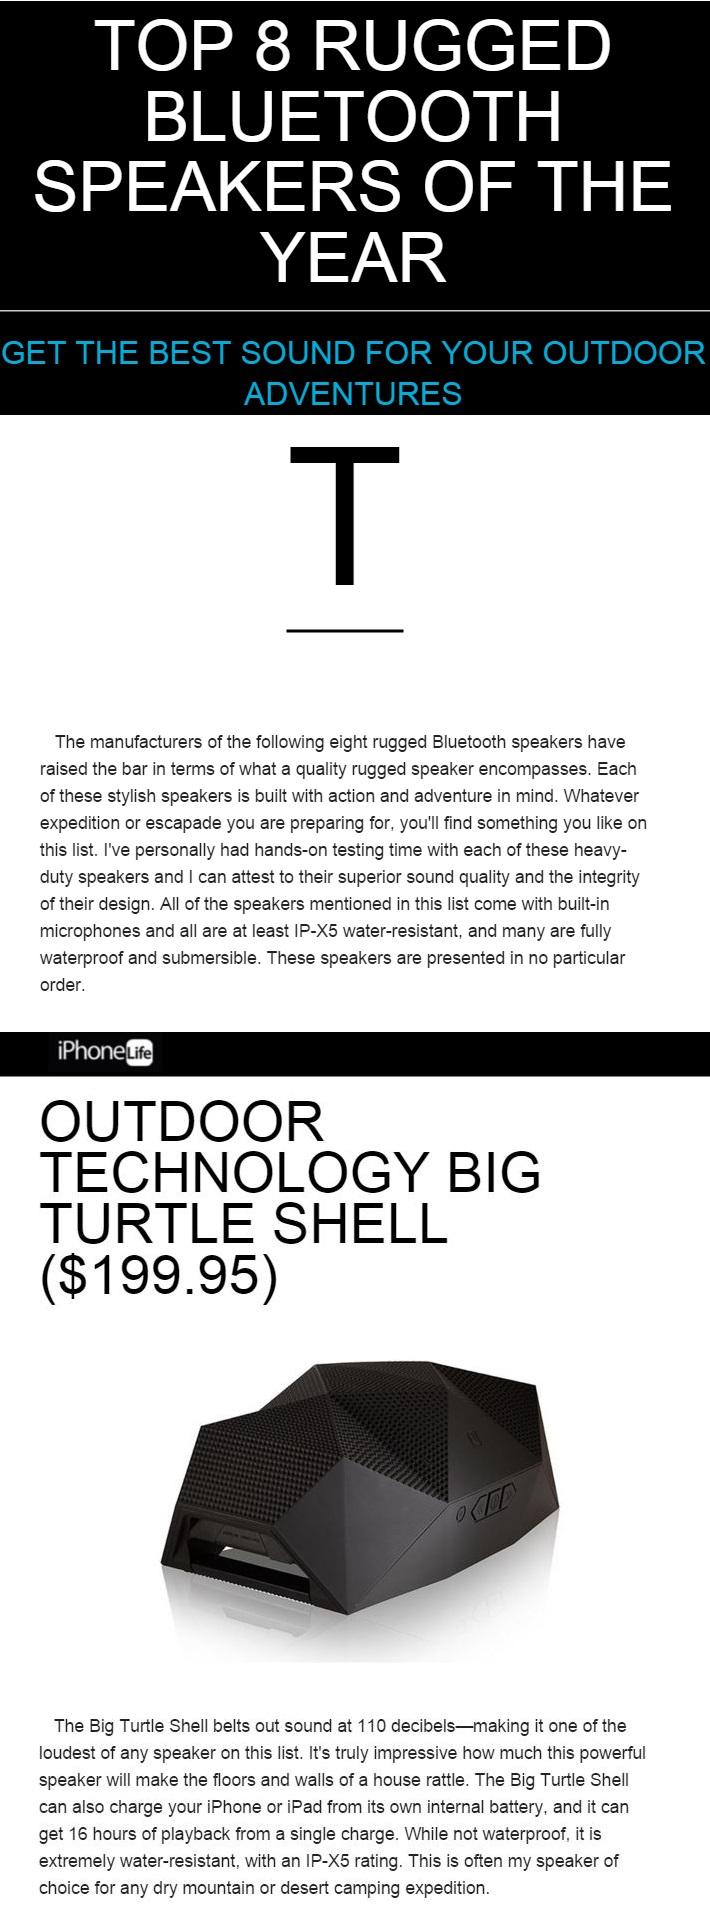 BigTurtleShell_iPhoneLife